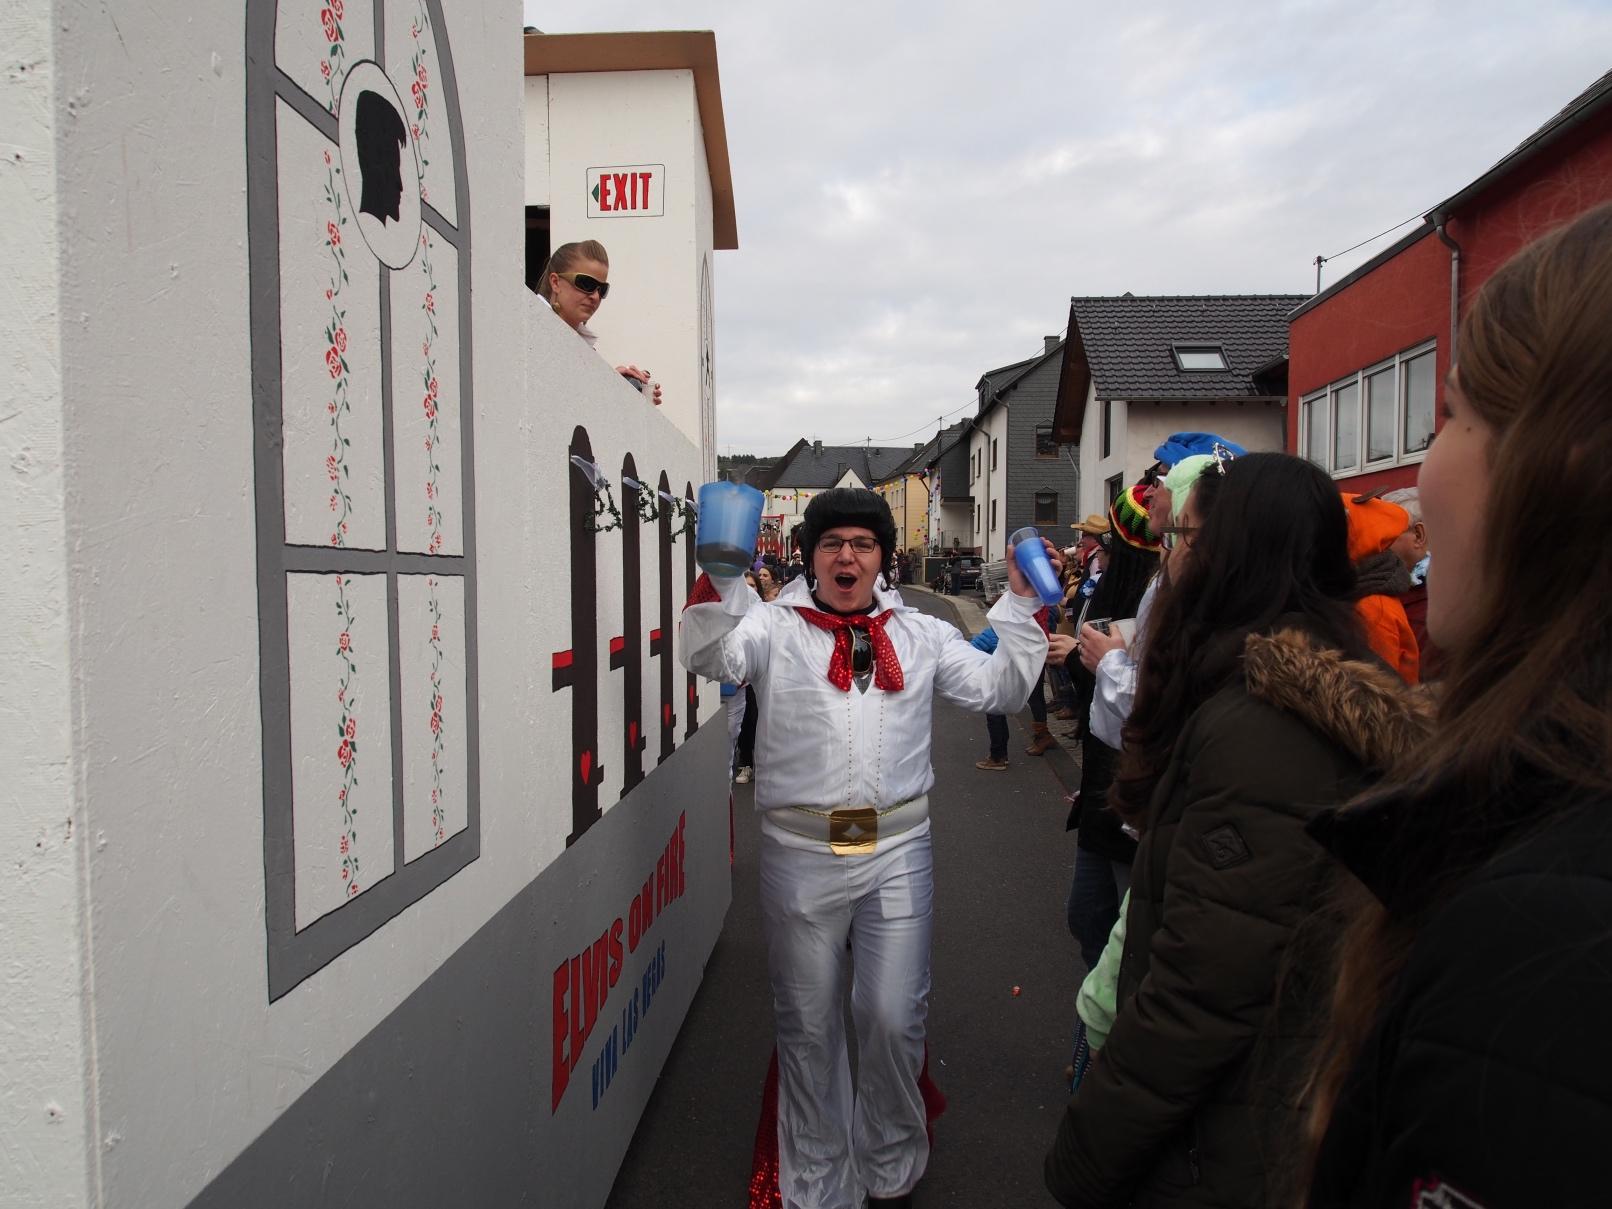 karneval_in_trier34.jpg